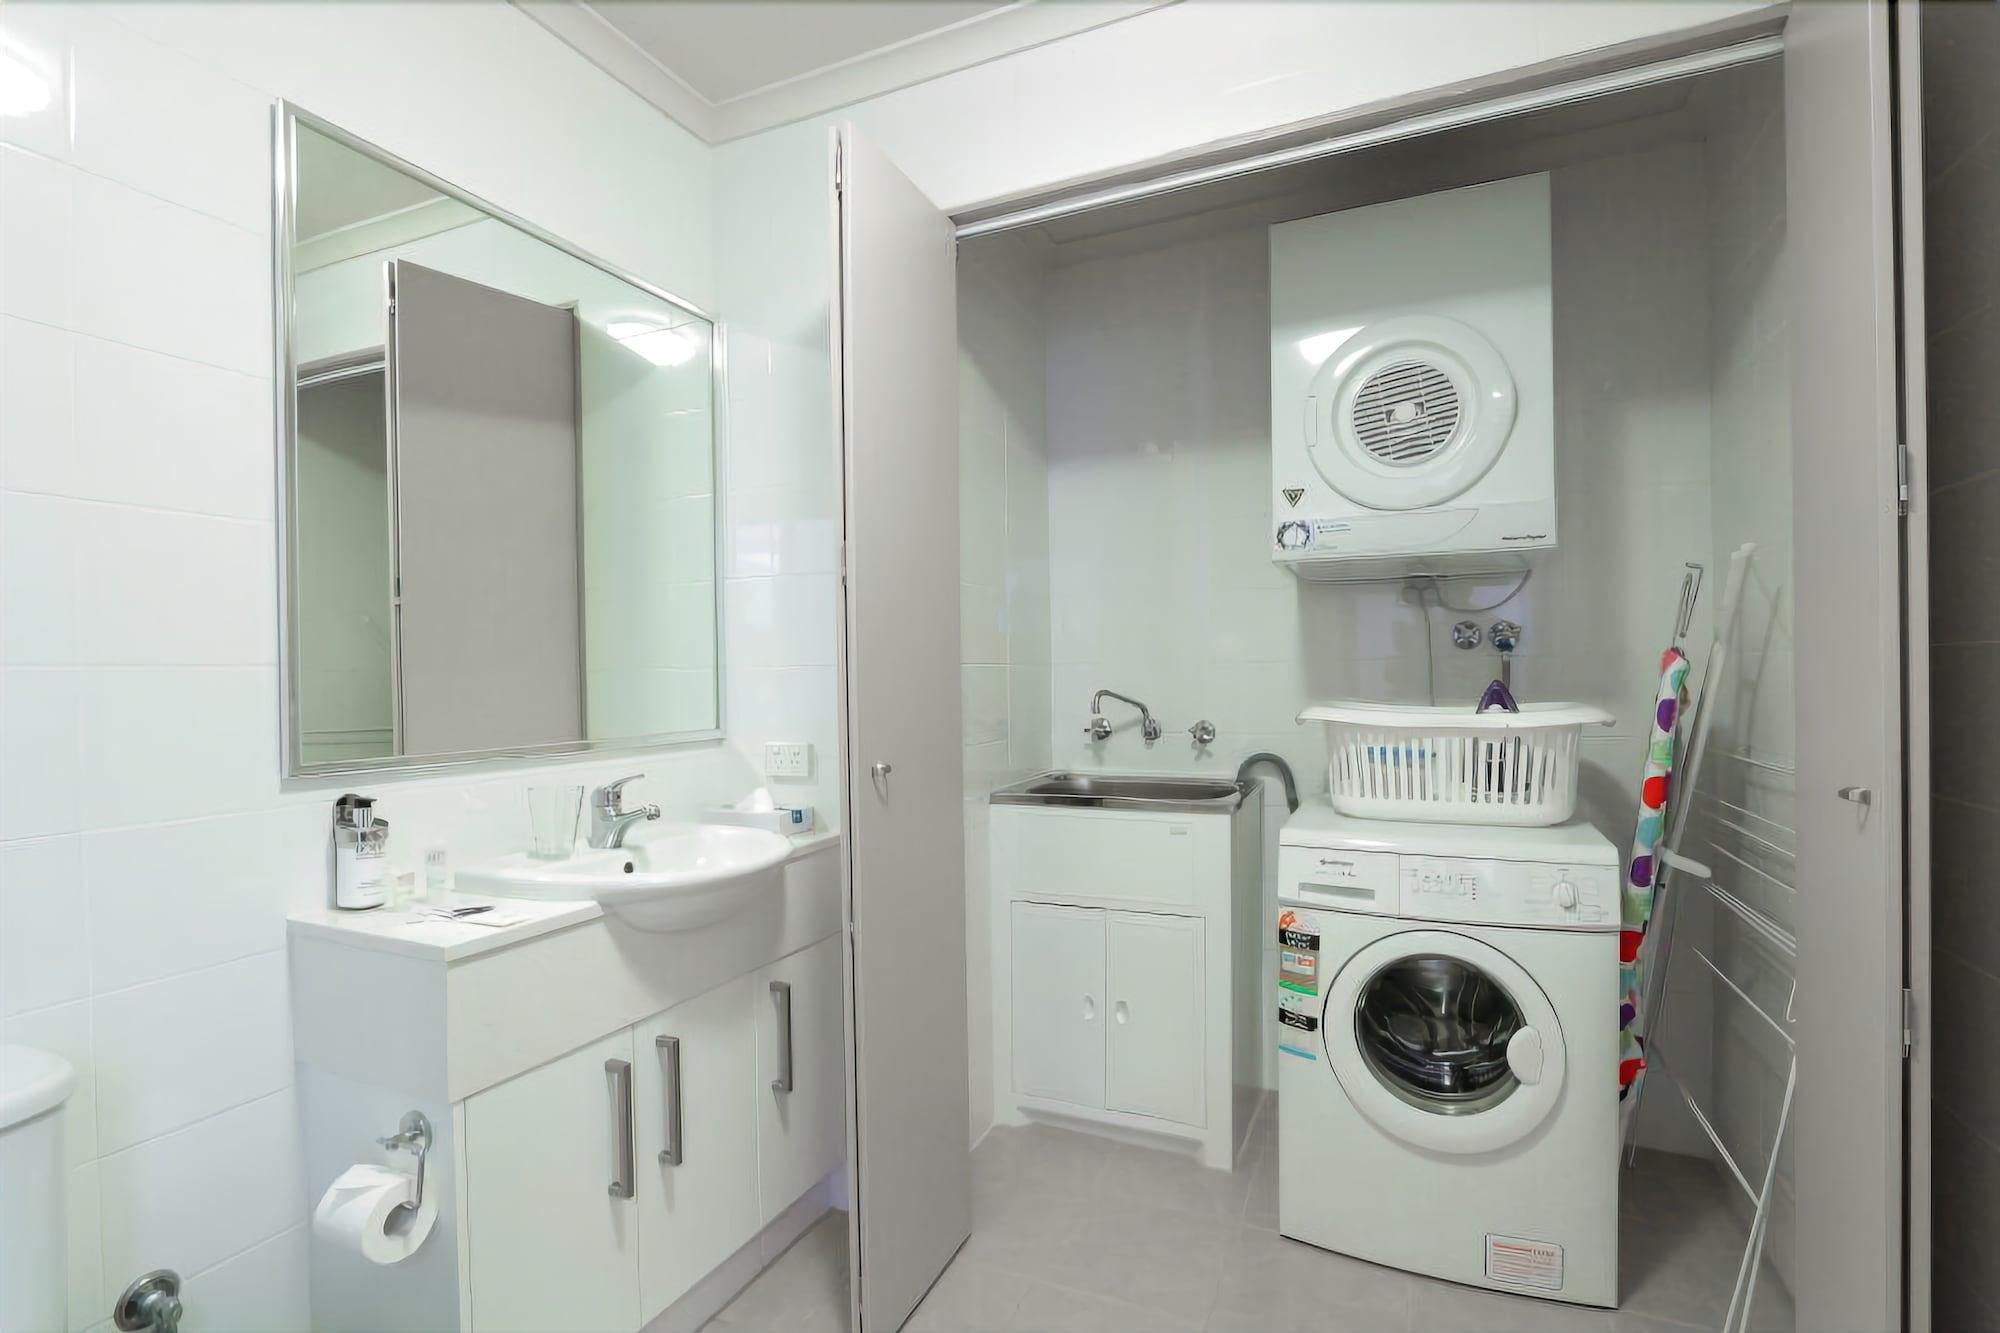 188 Apartments, Vincent